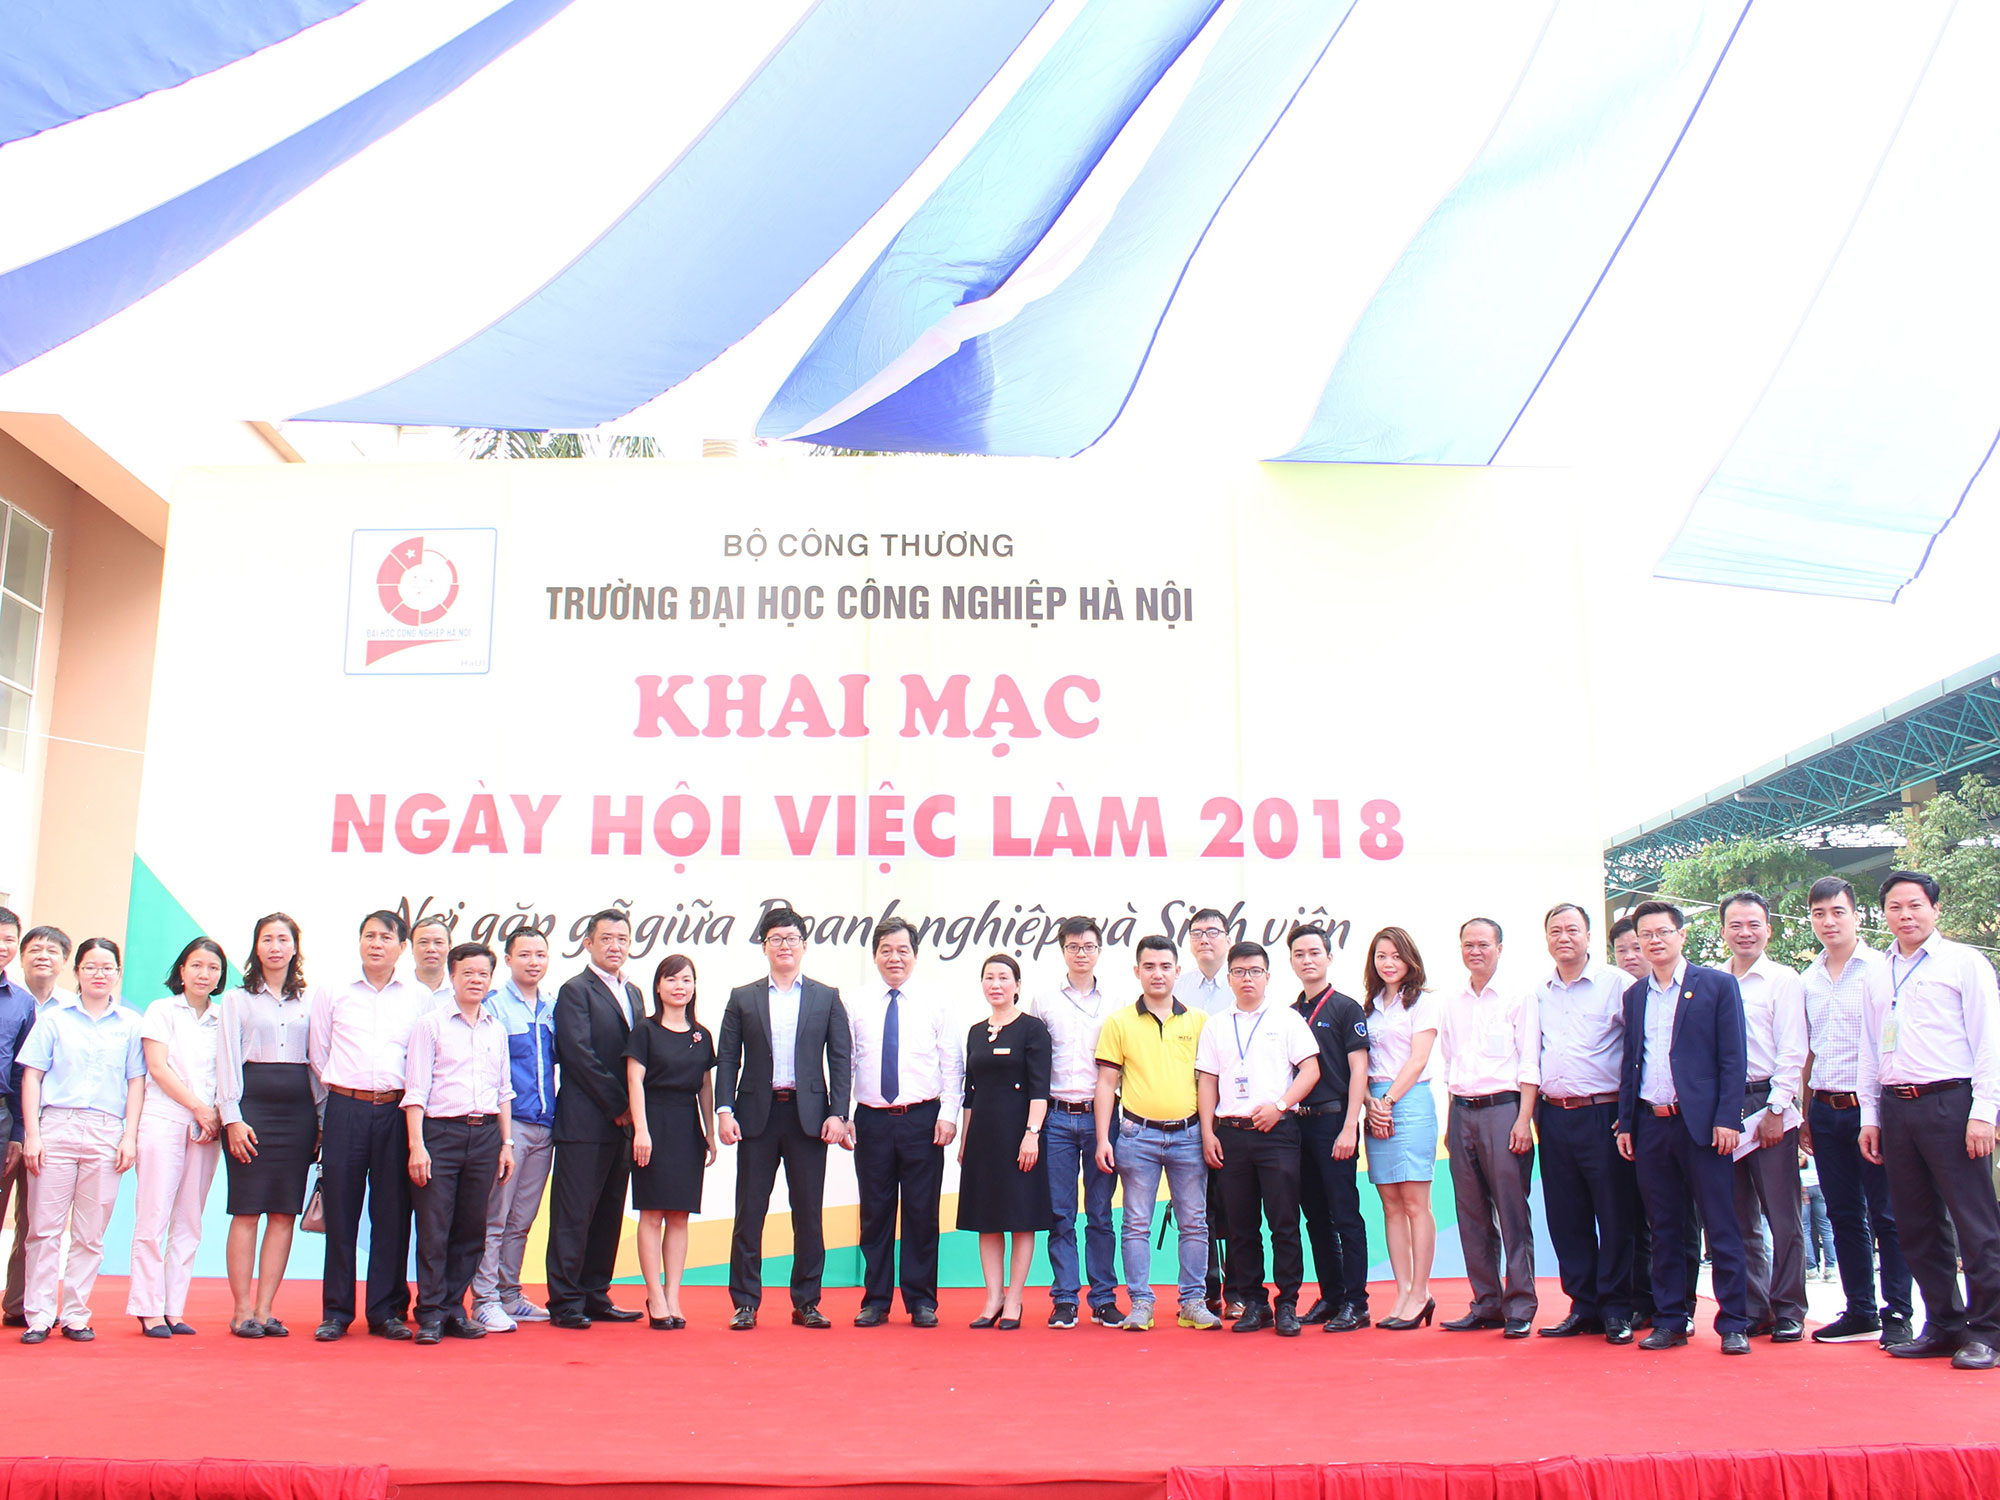 Ngày hội việc làm trường Đại học Công nghiệp Hà Nội 20/4/2019